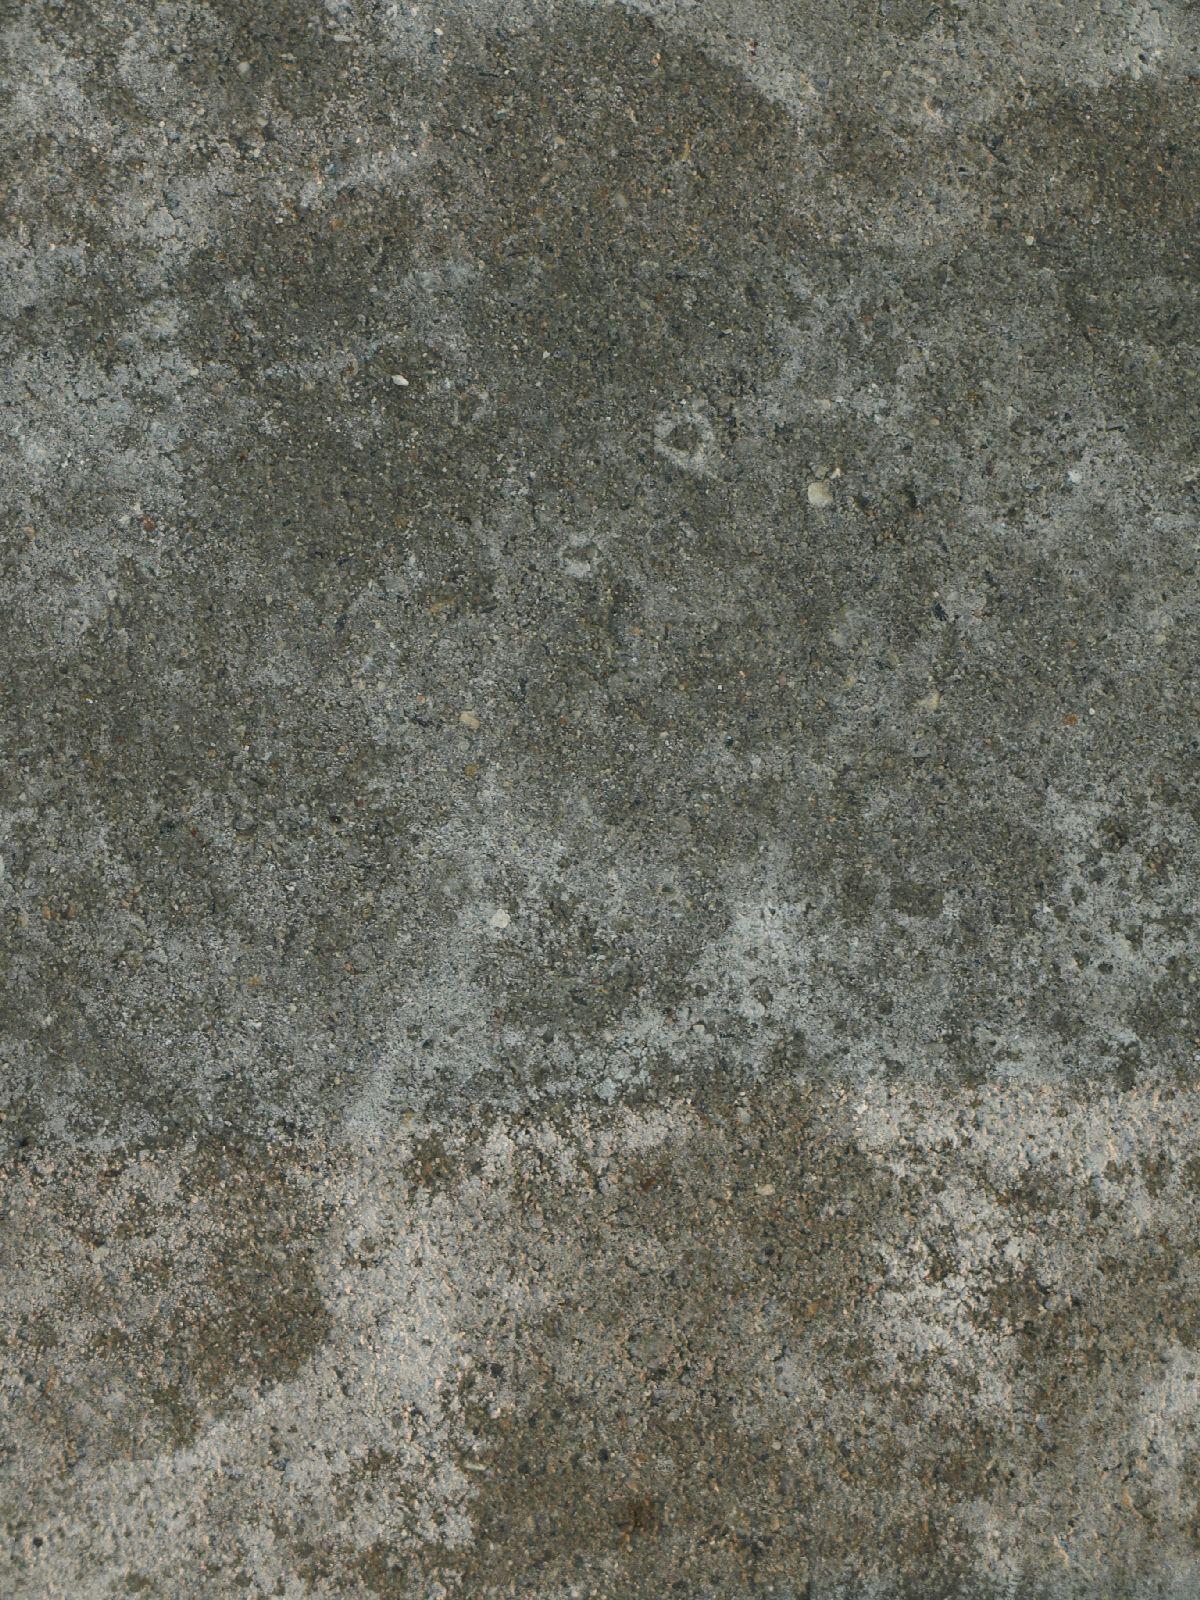 Schnee-Eis_Textur_A_P1109054